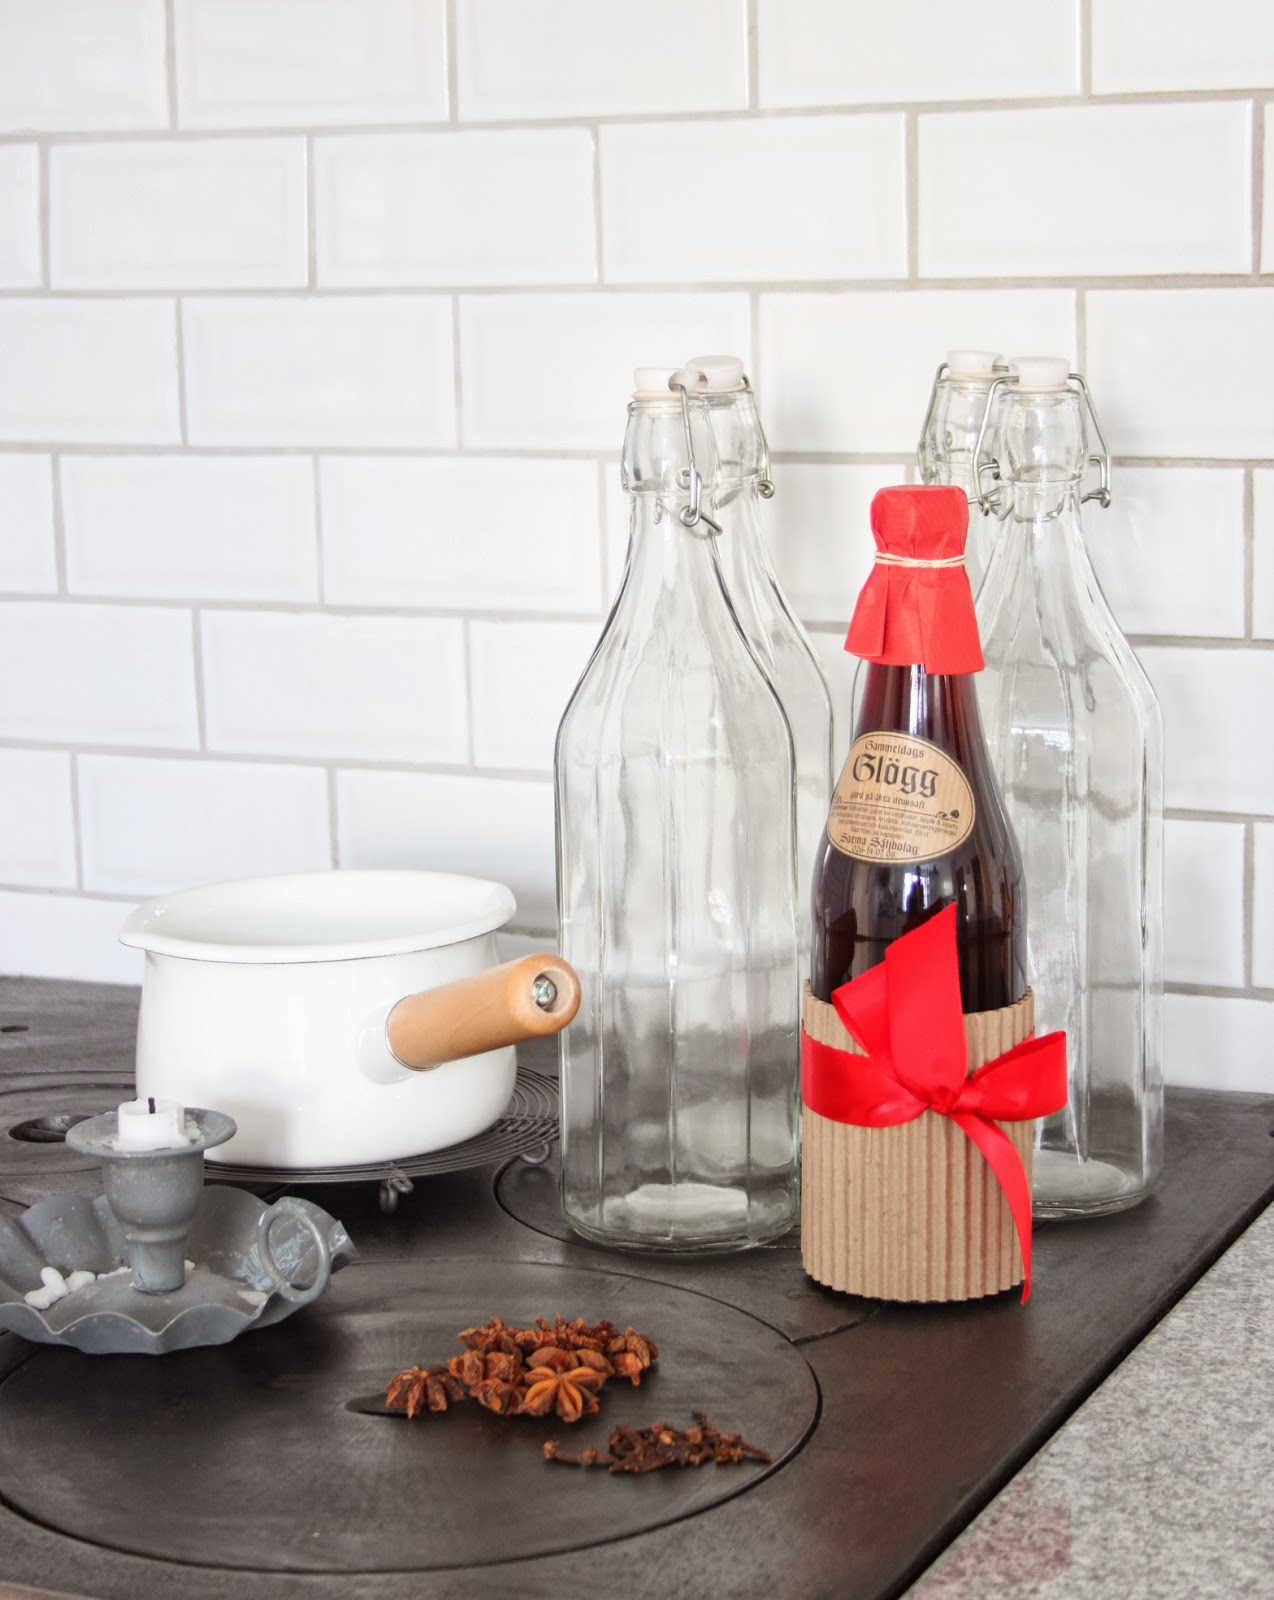 Add: design / anna stenberg / lantligt på svanängen: kök